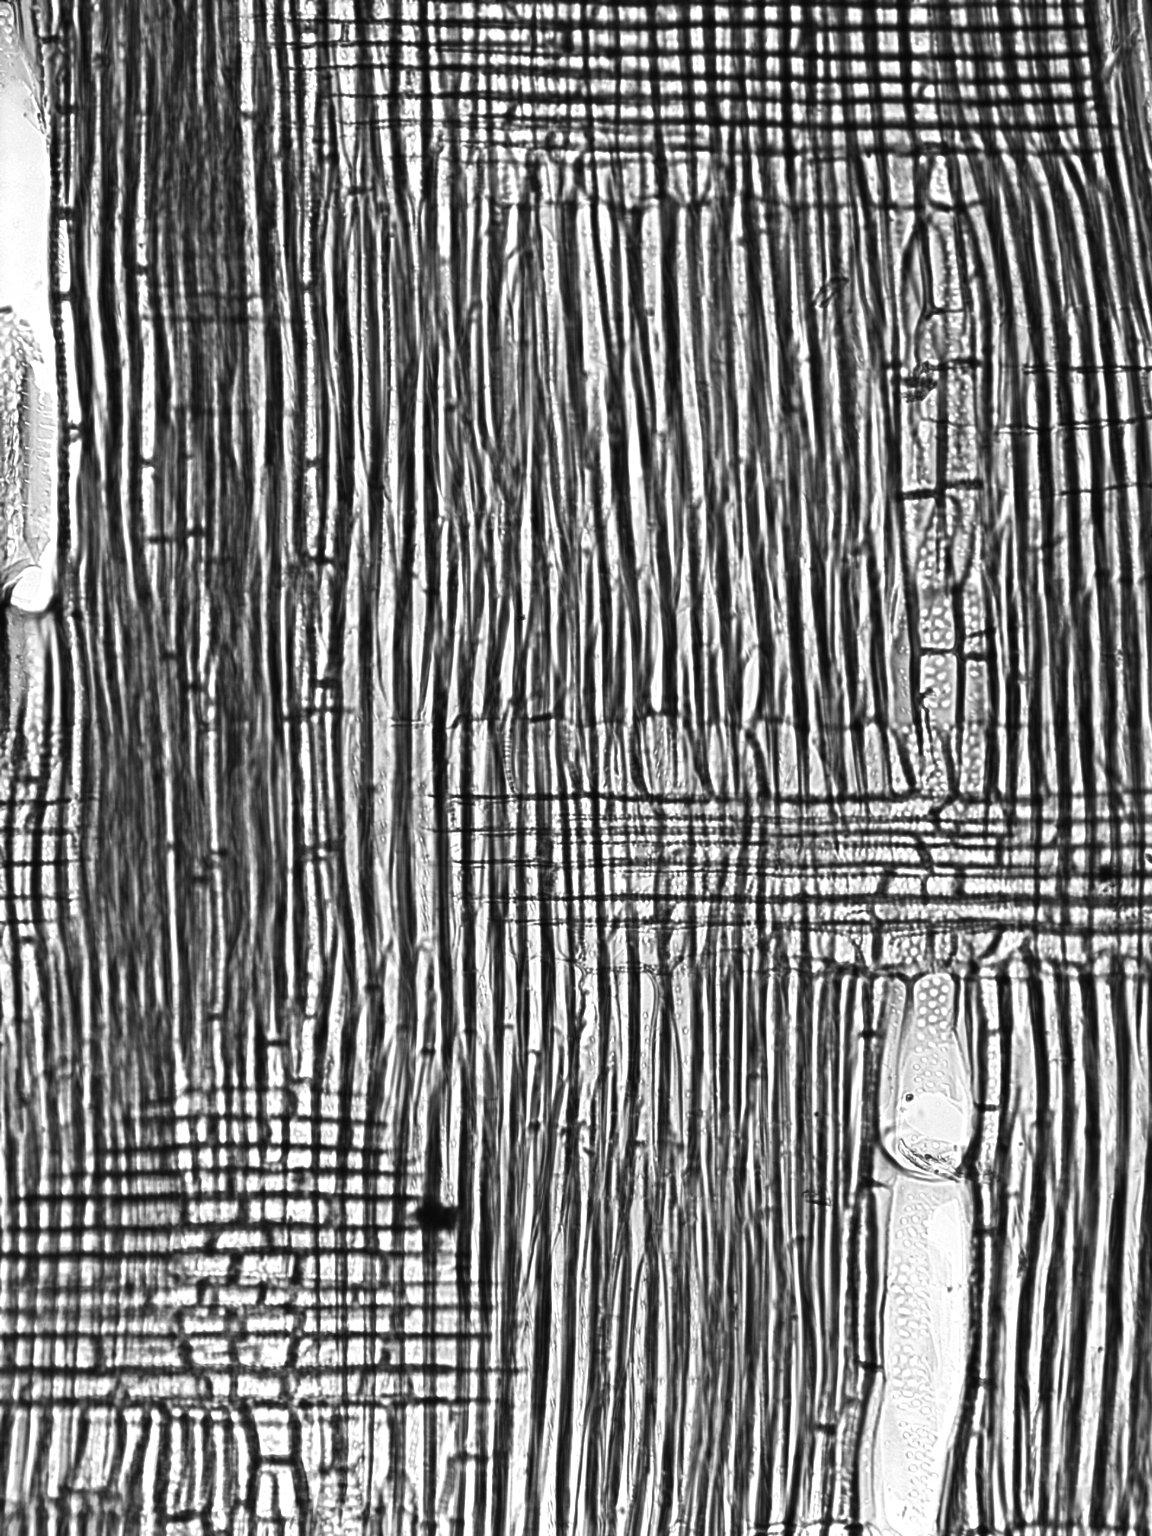 BIGNONIACEAE Jacaranda puberula